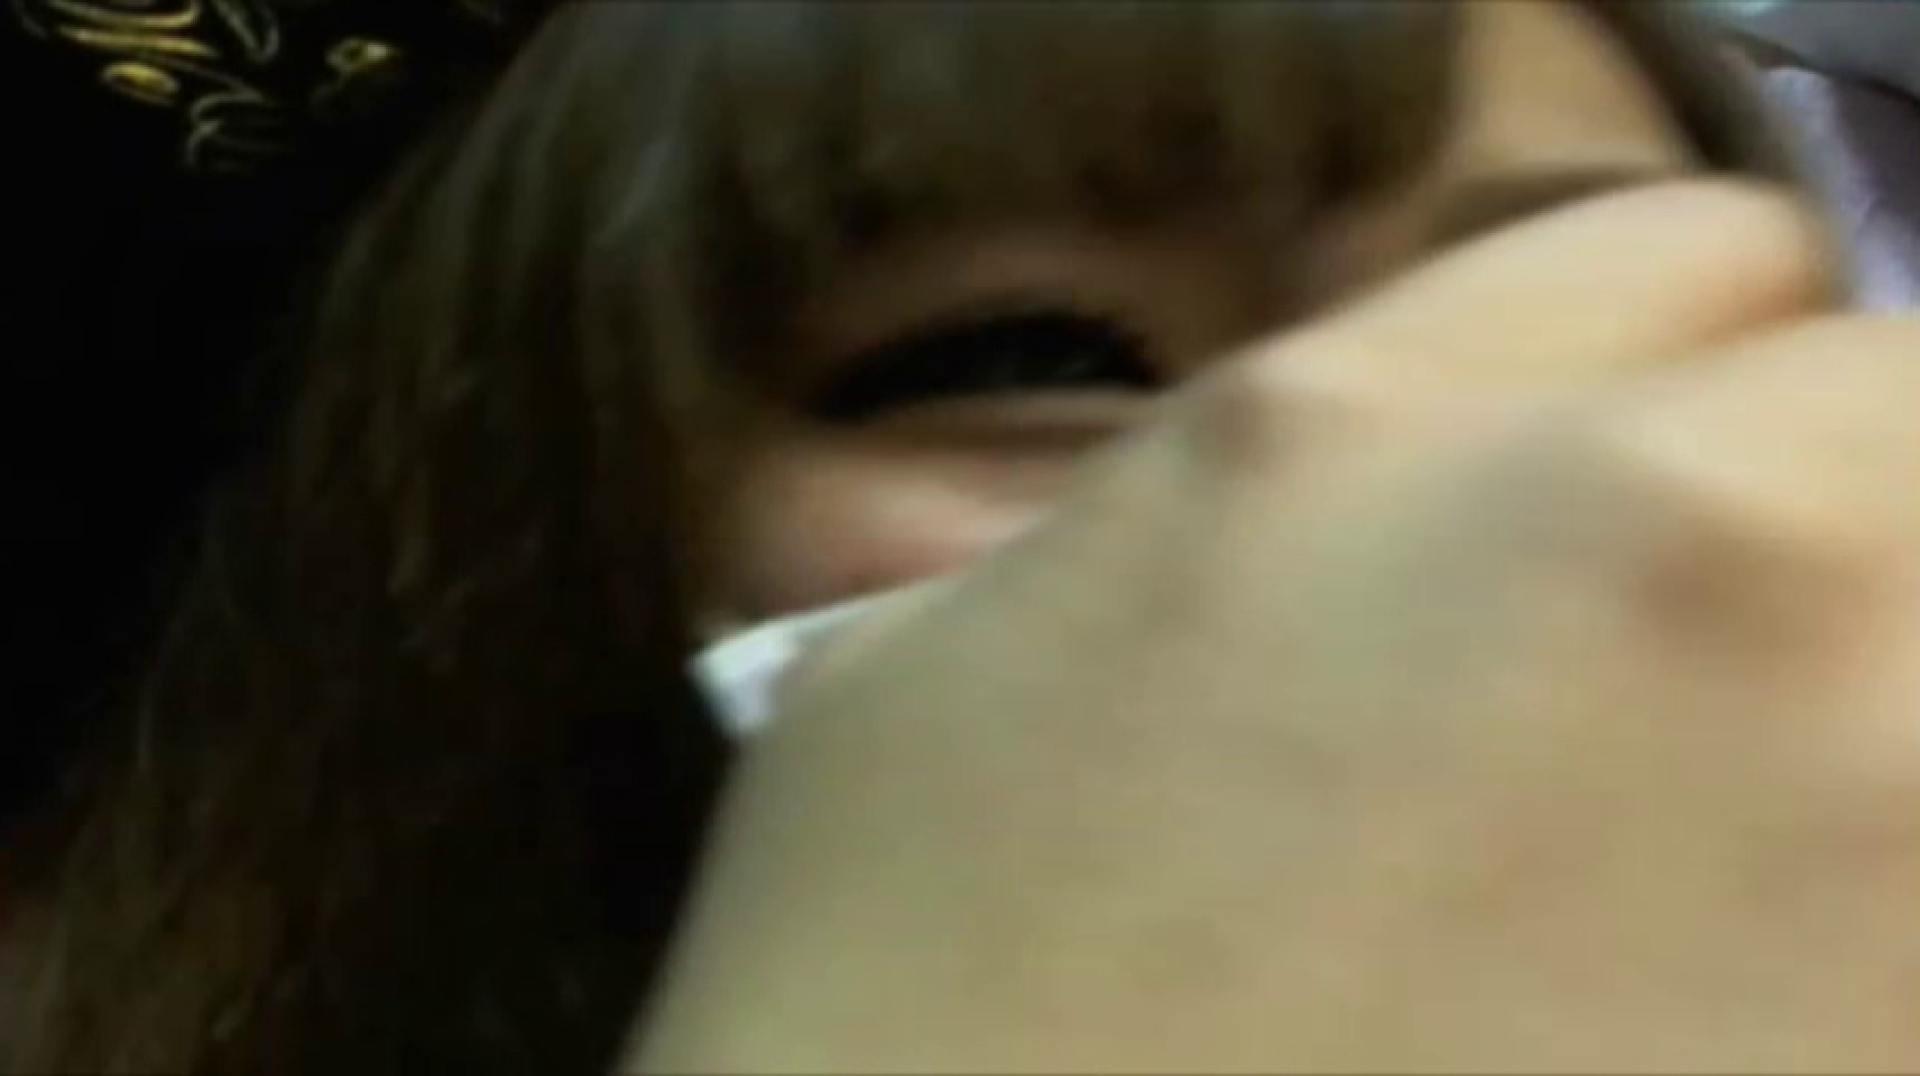 ガチンコ!!激カワギャル限定個人ハメ撮りセフレ編Vol.30 ギャル | OL裸体  96画像 52